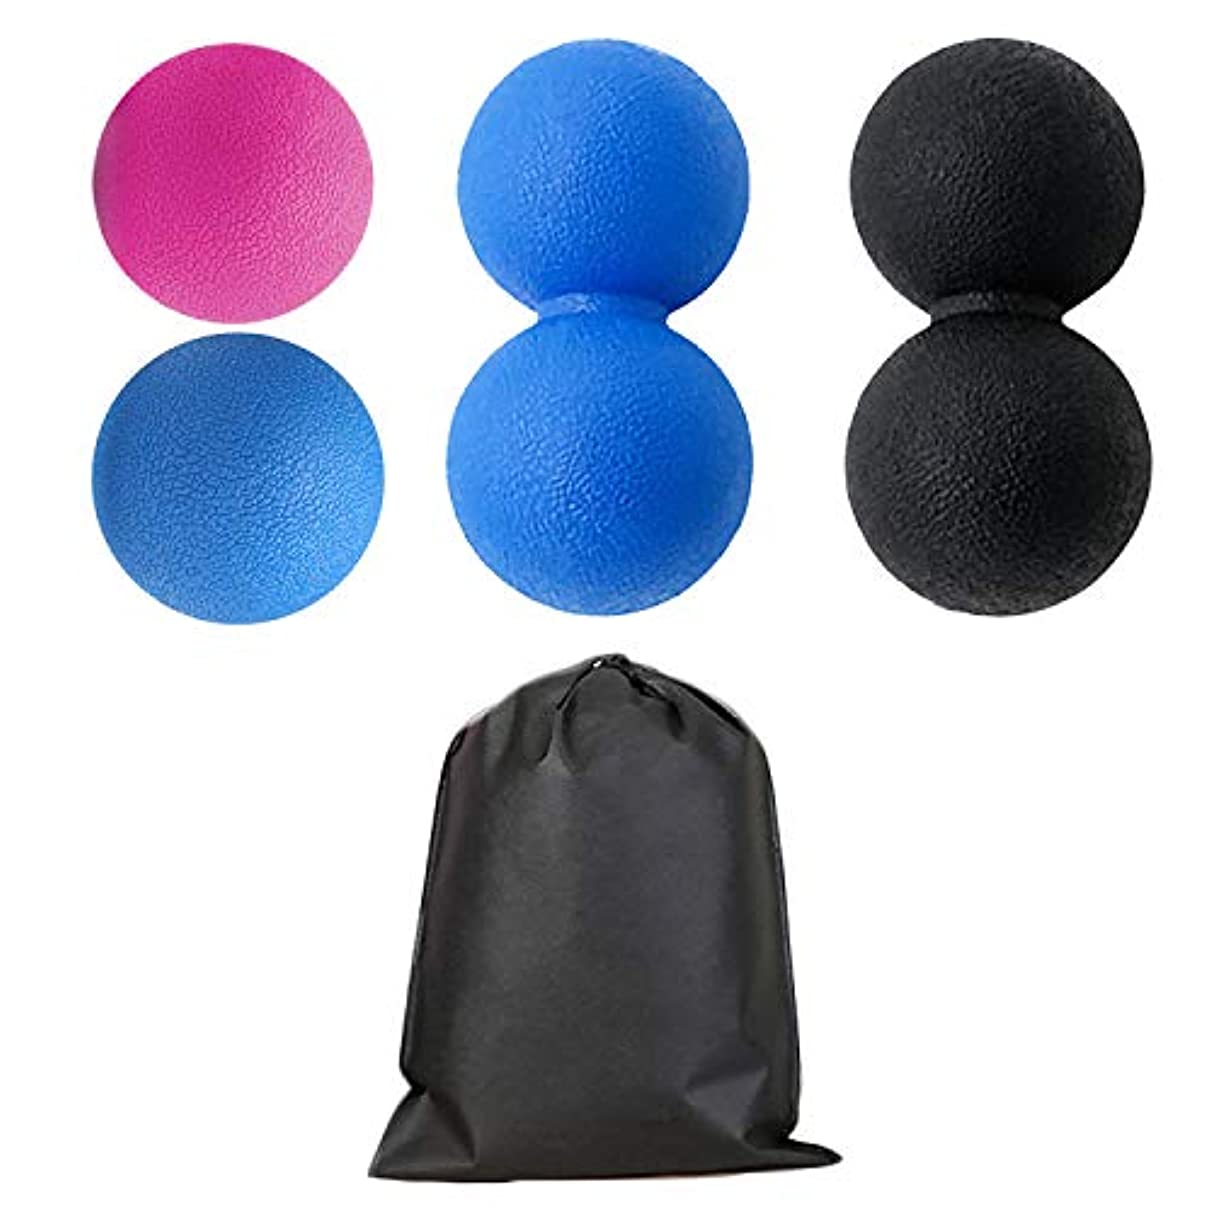 毒液スペクトラムスポークスマンMigavan 2本マッサージボールローラーバックマッサージボール収納袋が付いている別の様式のマッサージのローラーボールのマッサージャー